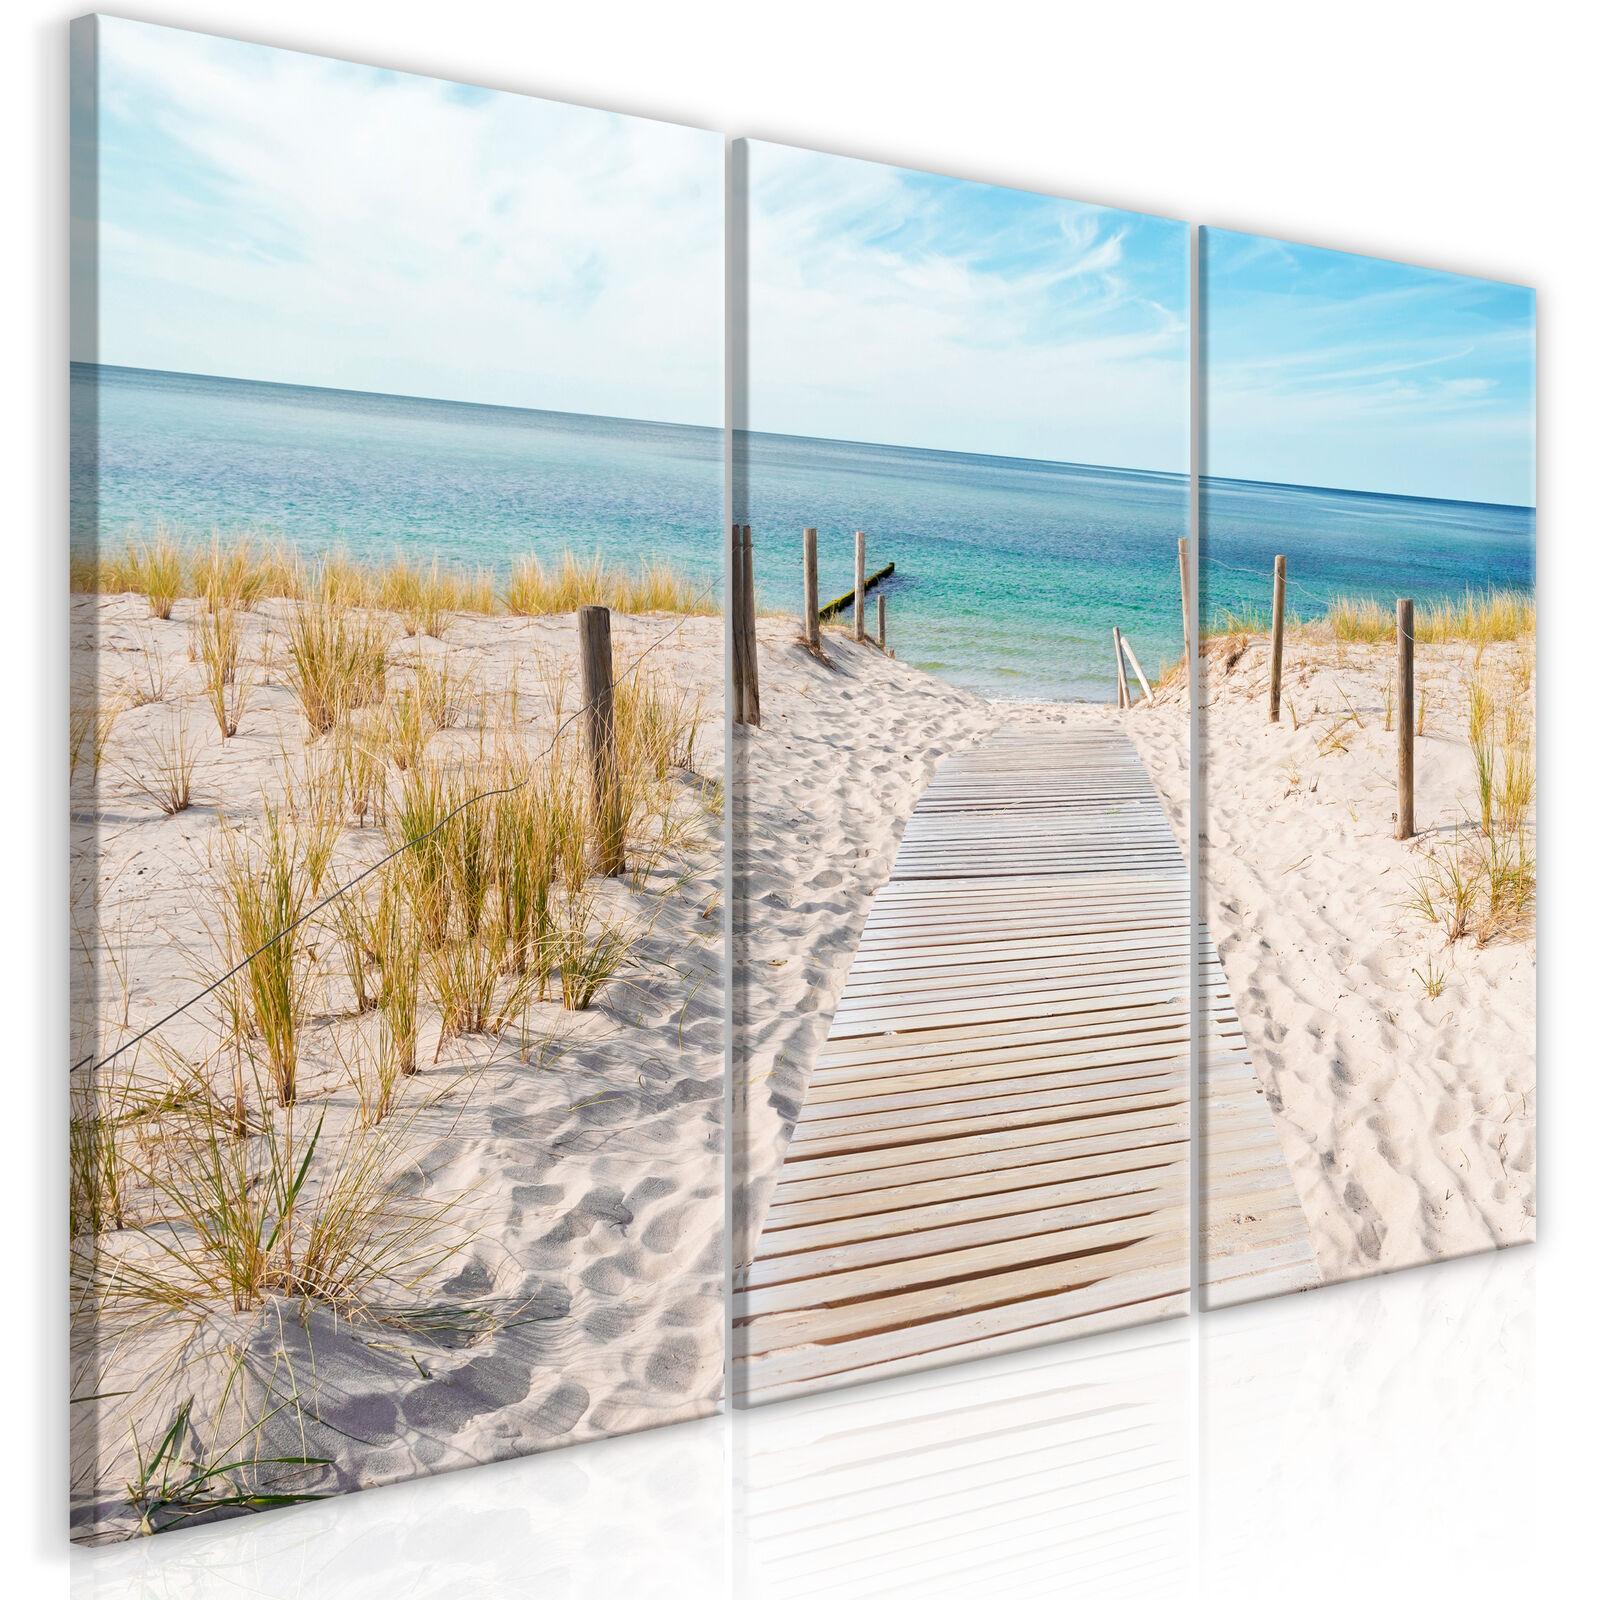 Wandbilder xxl Meer Landschaft Strand Bilder auf Vlies Leinwand c-A-0107-b-e